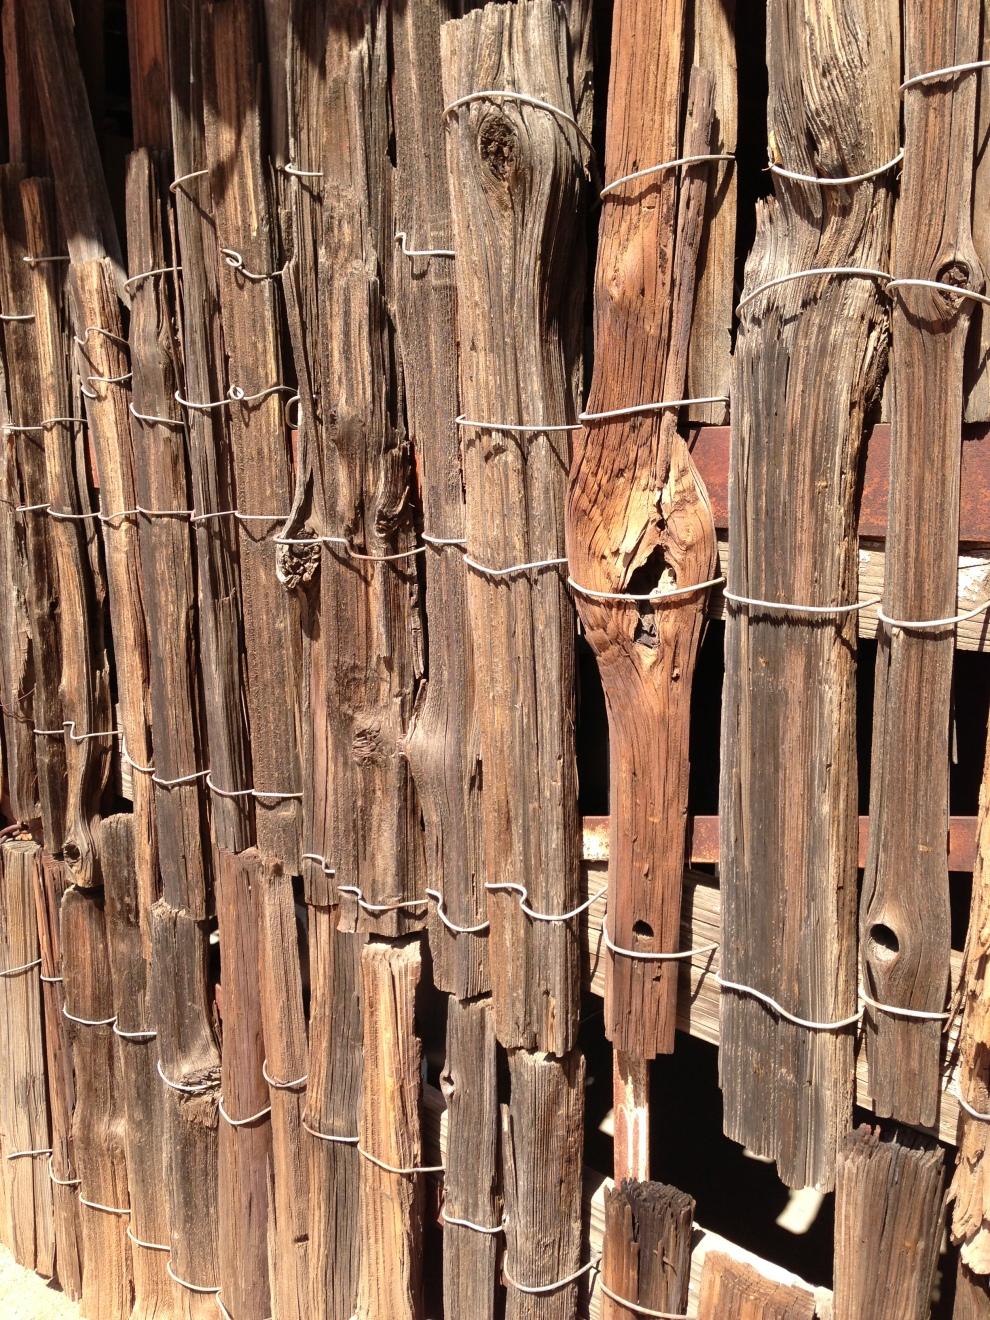 rough wood fences